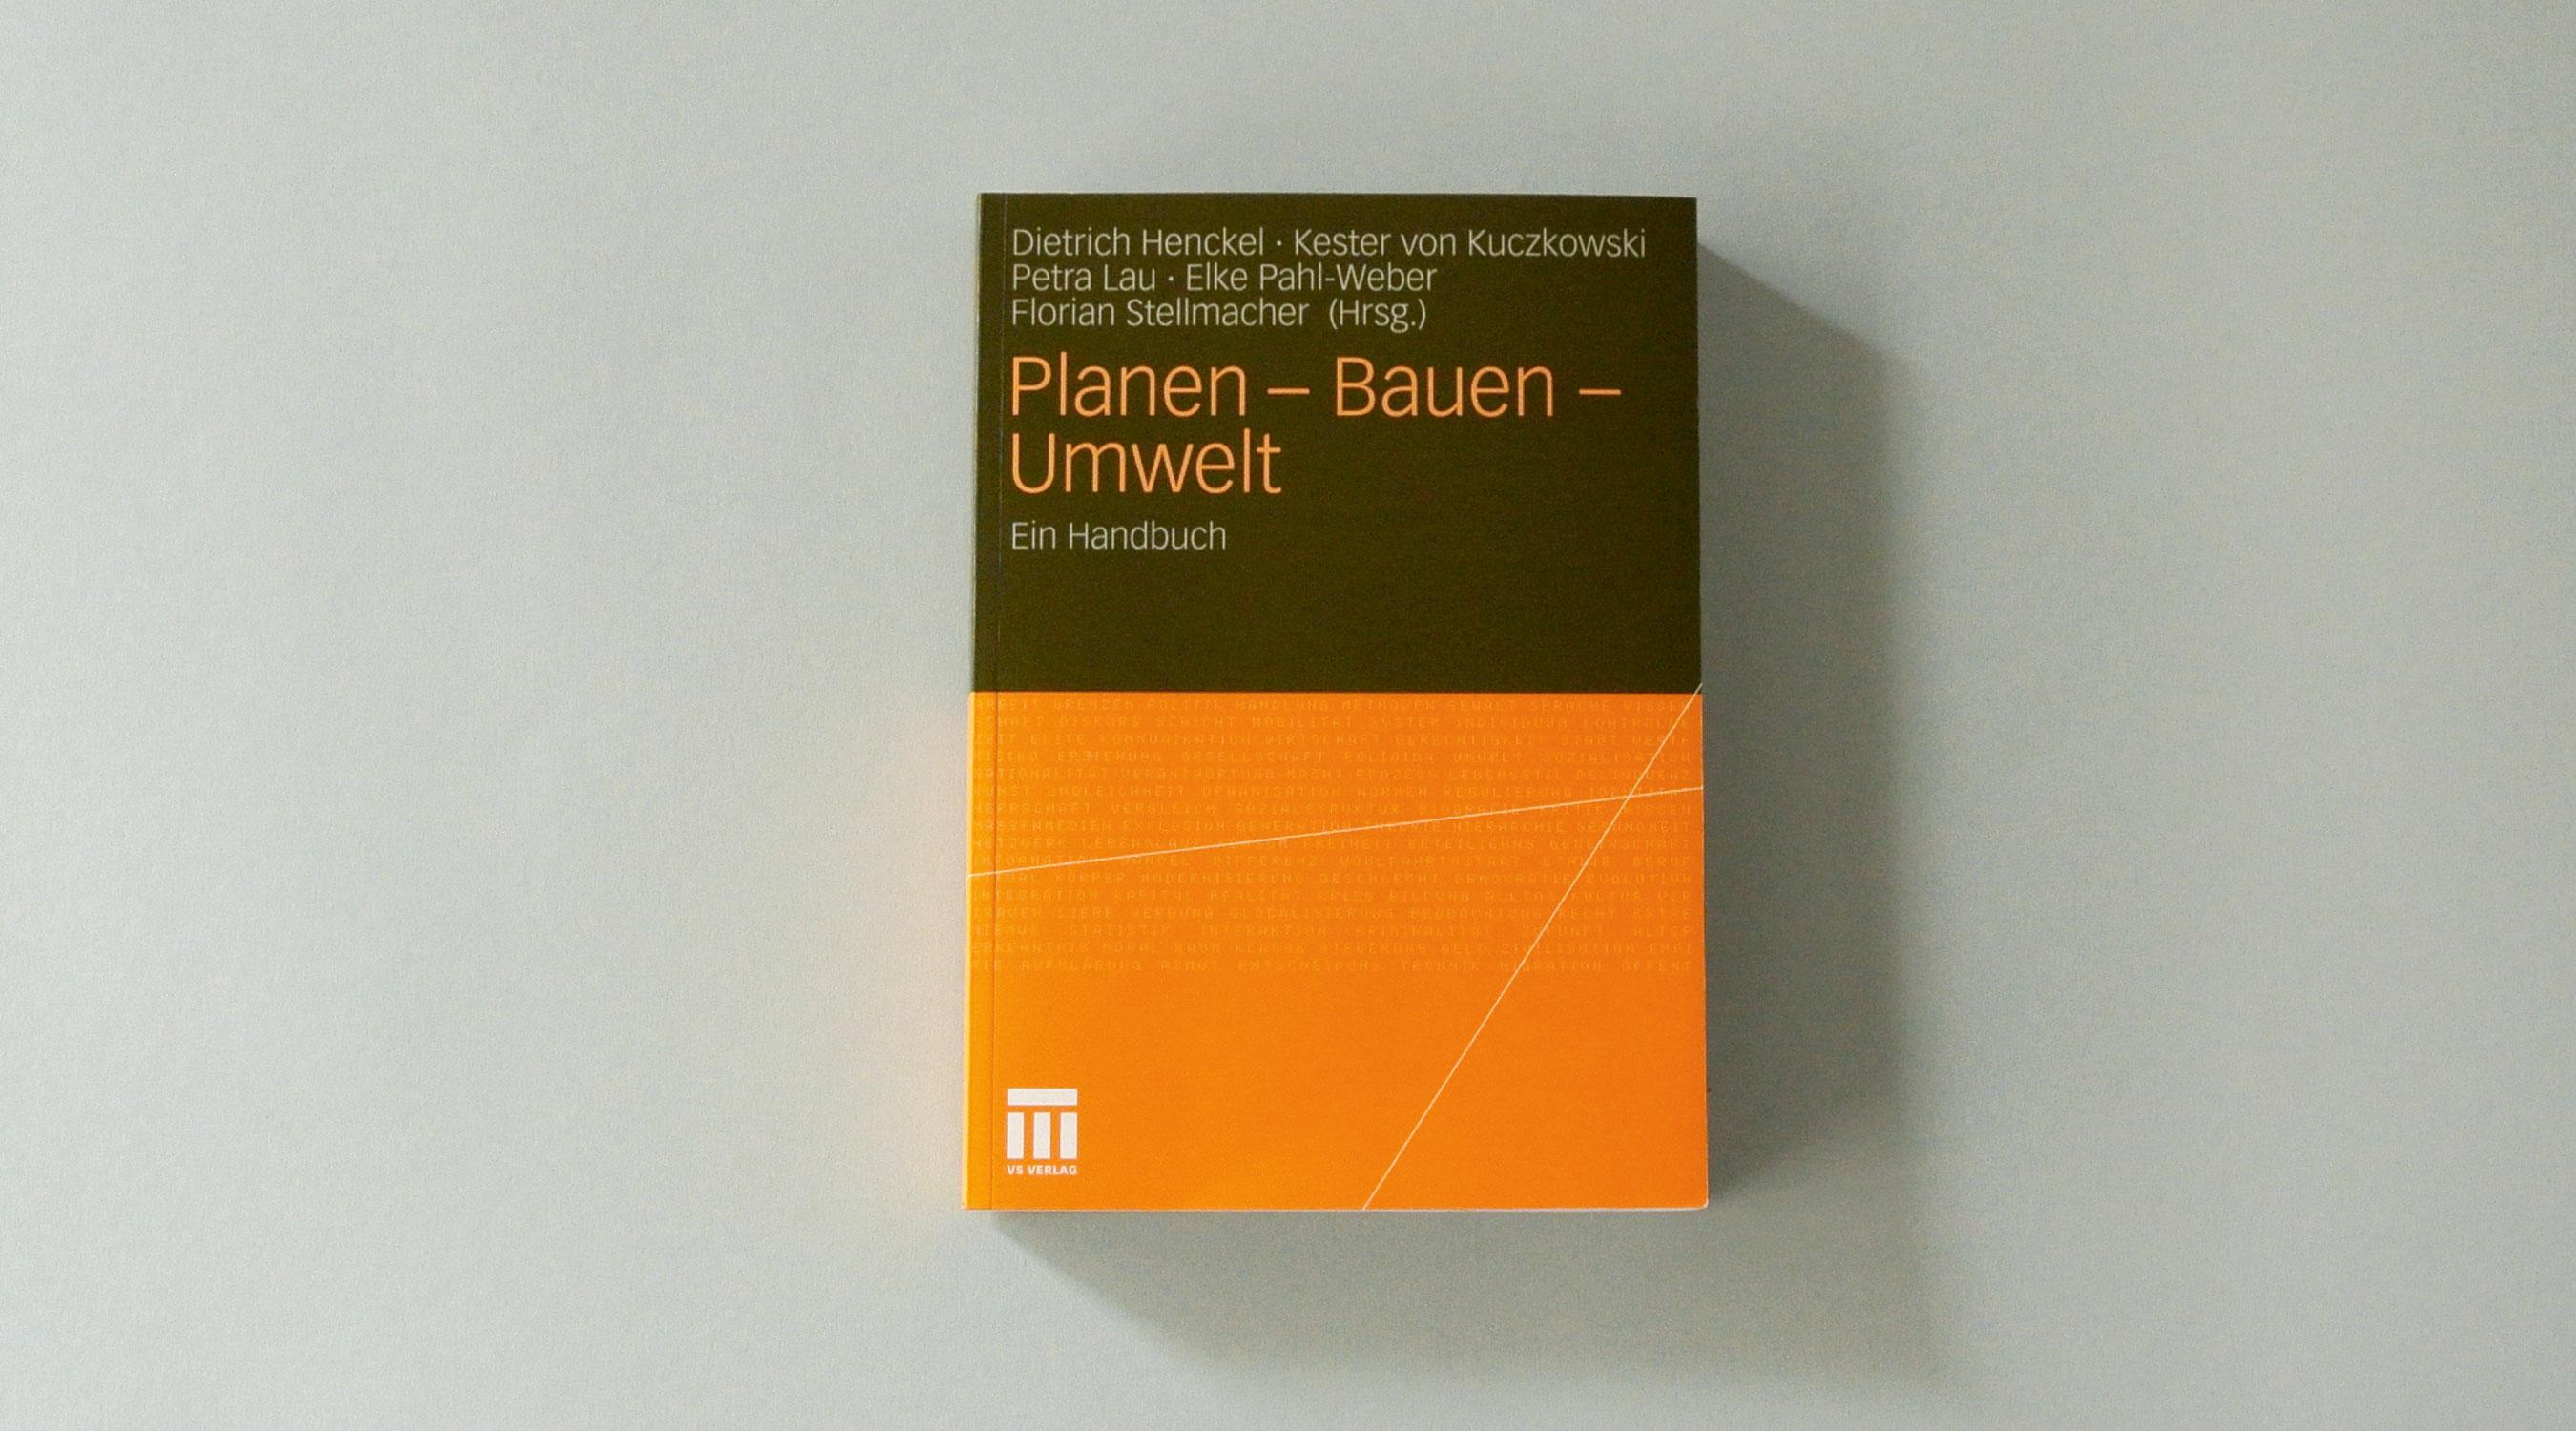 Planen - Bauen - Umwelt